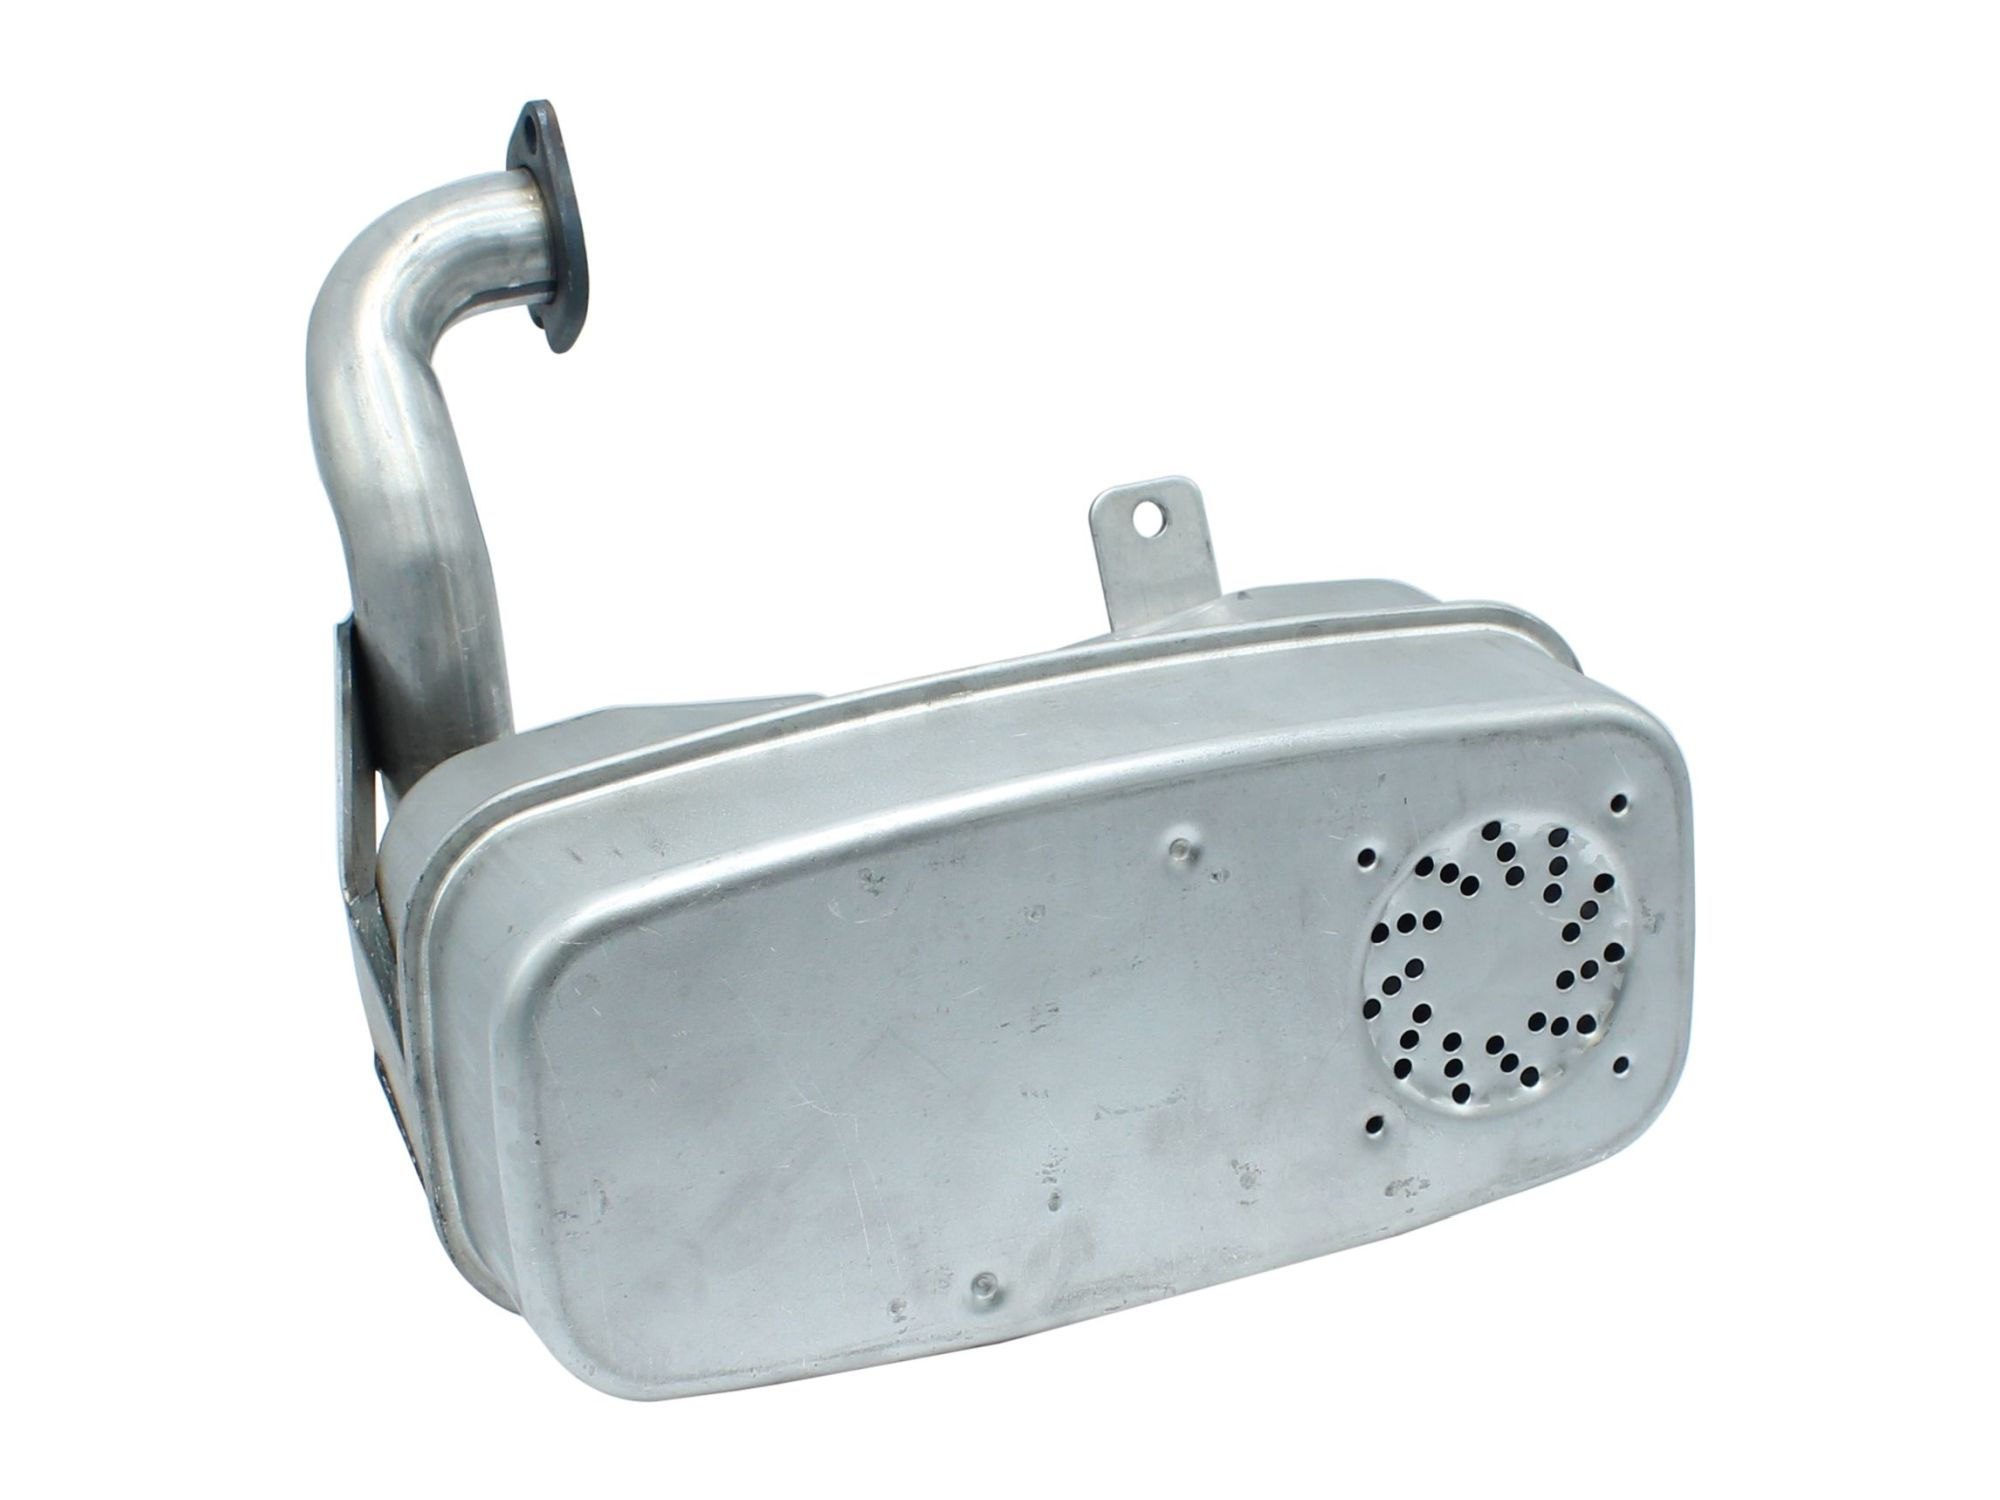 Rasenmäher Auspuff //Schalldämpfer für STIHL 024 026 MS260 aus Stahl,